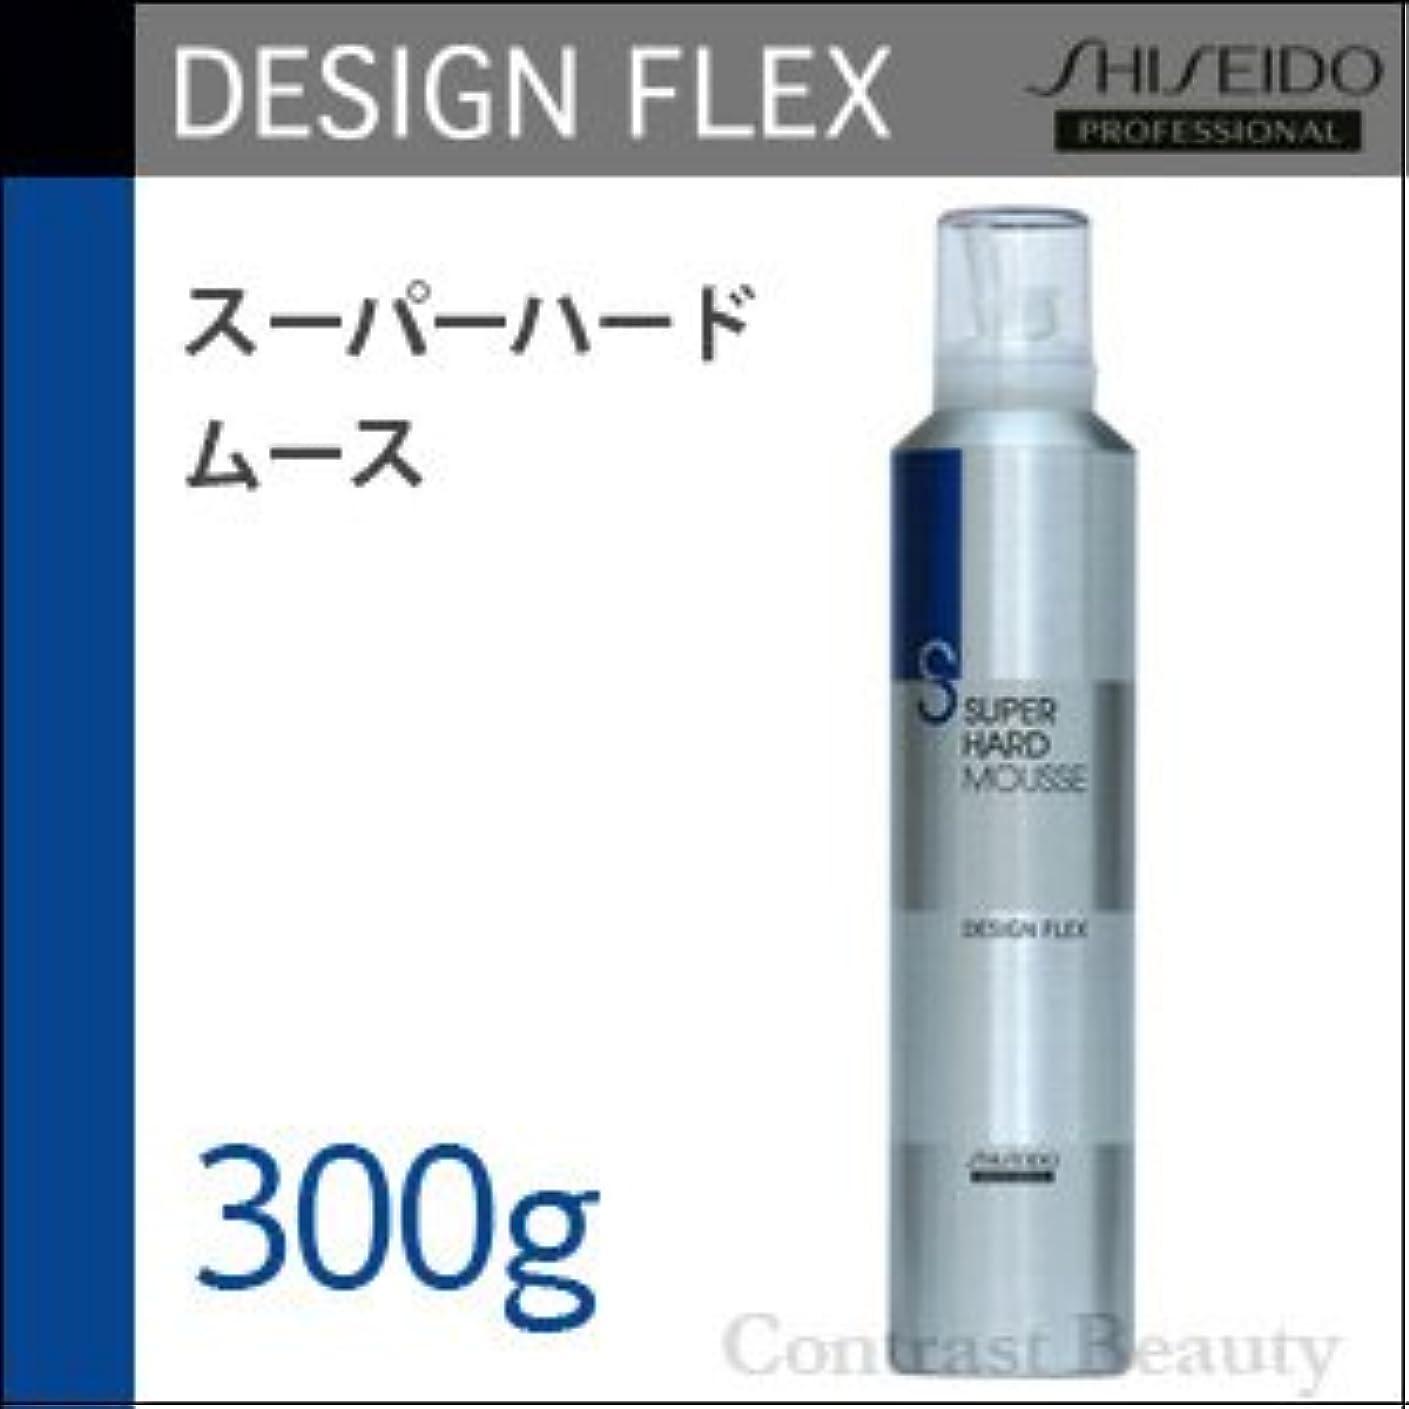 祖先ジャニス単なる資生堂プロフェッショナル デザインフレックス スーパーハードムース 300g shiseido PROFESSIONAL